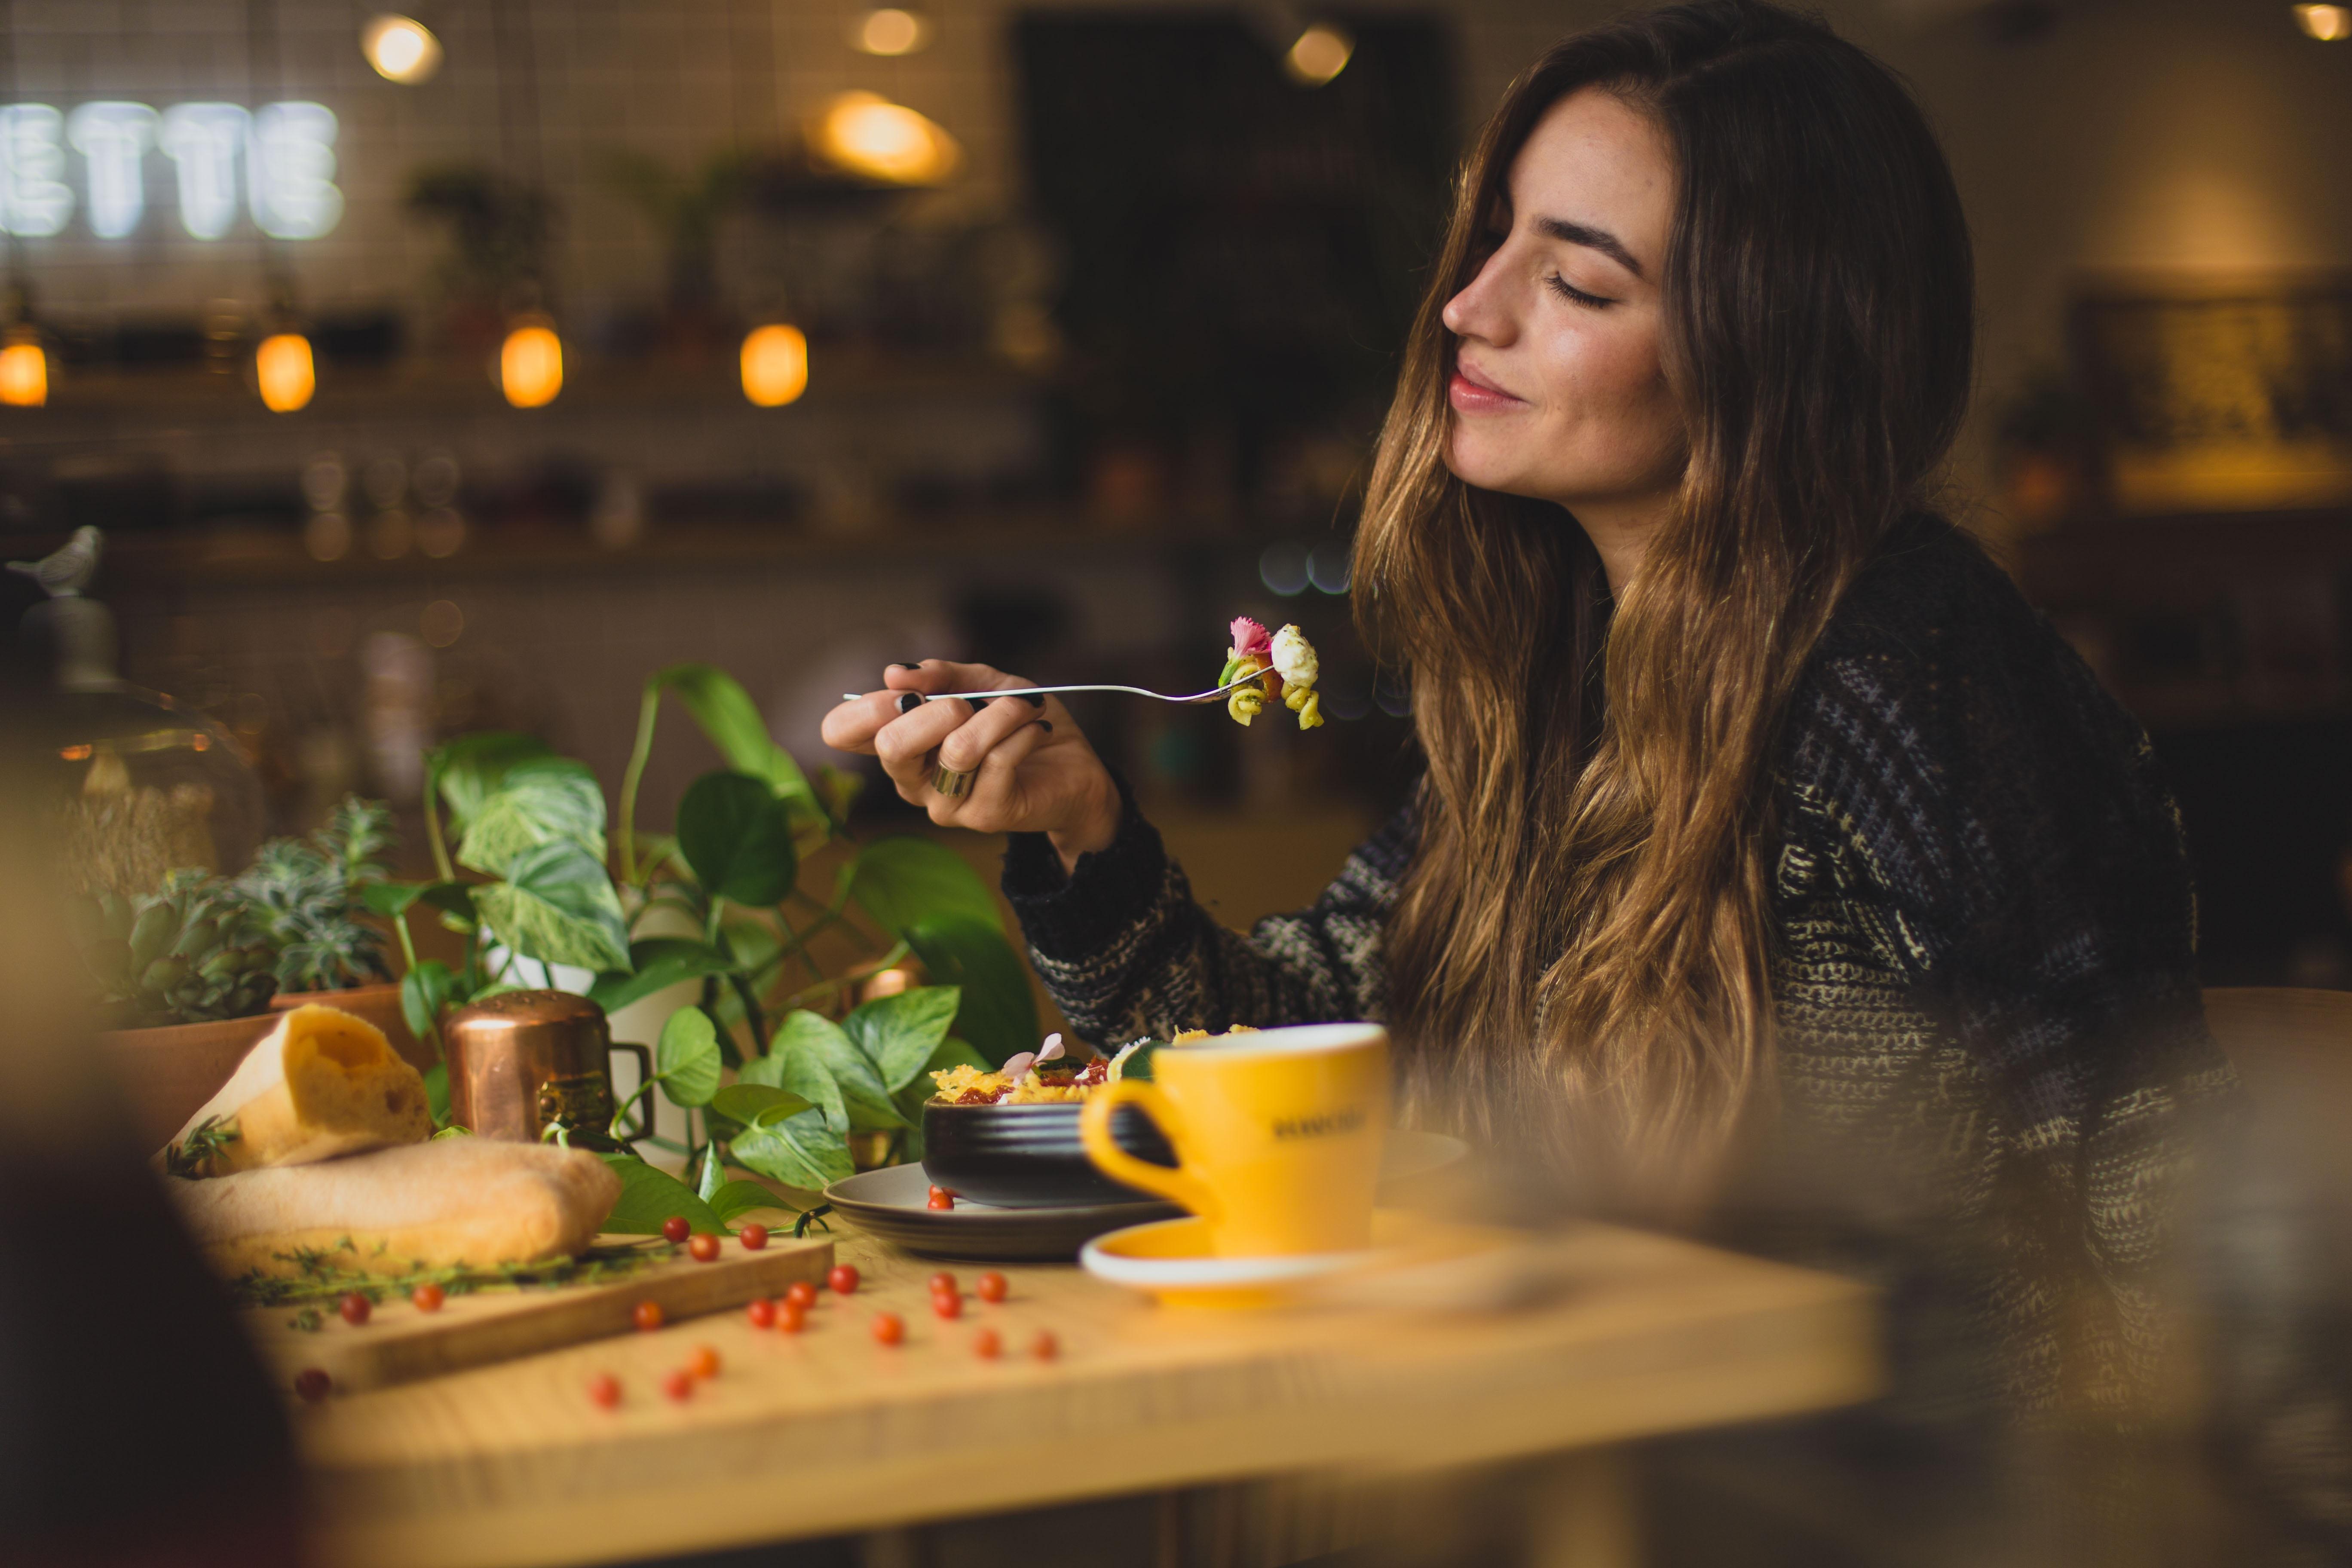 Vigila el Consumo de ciertos Alimentos si quieres bajar de peso